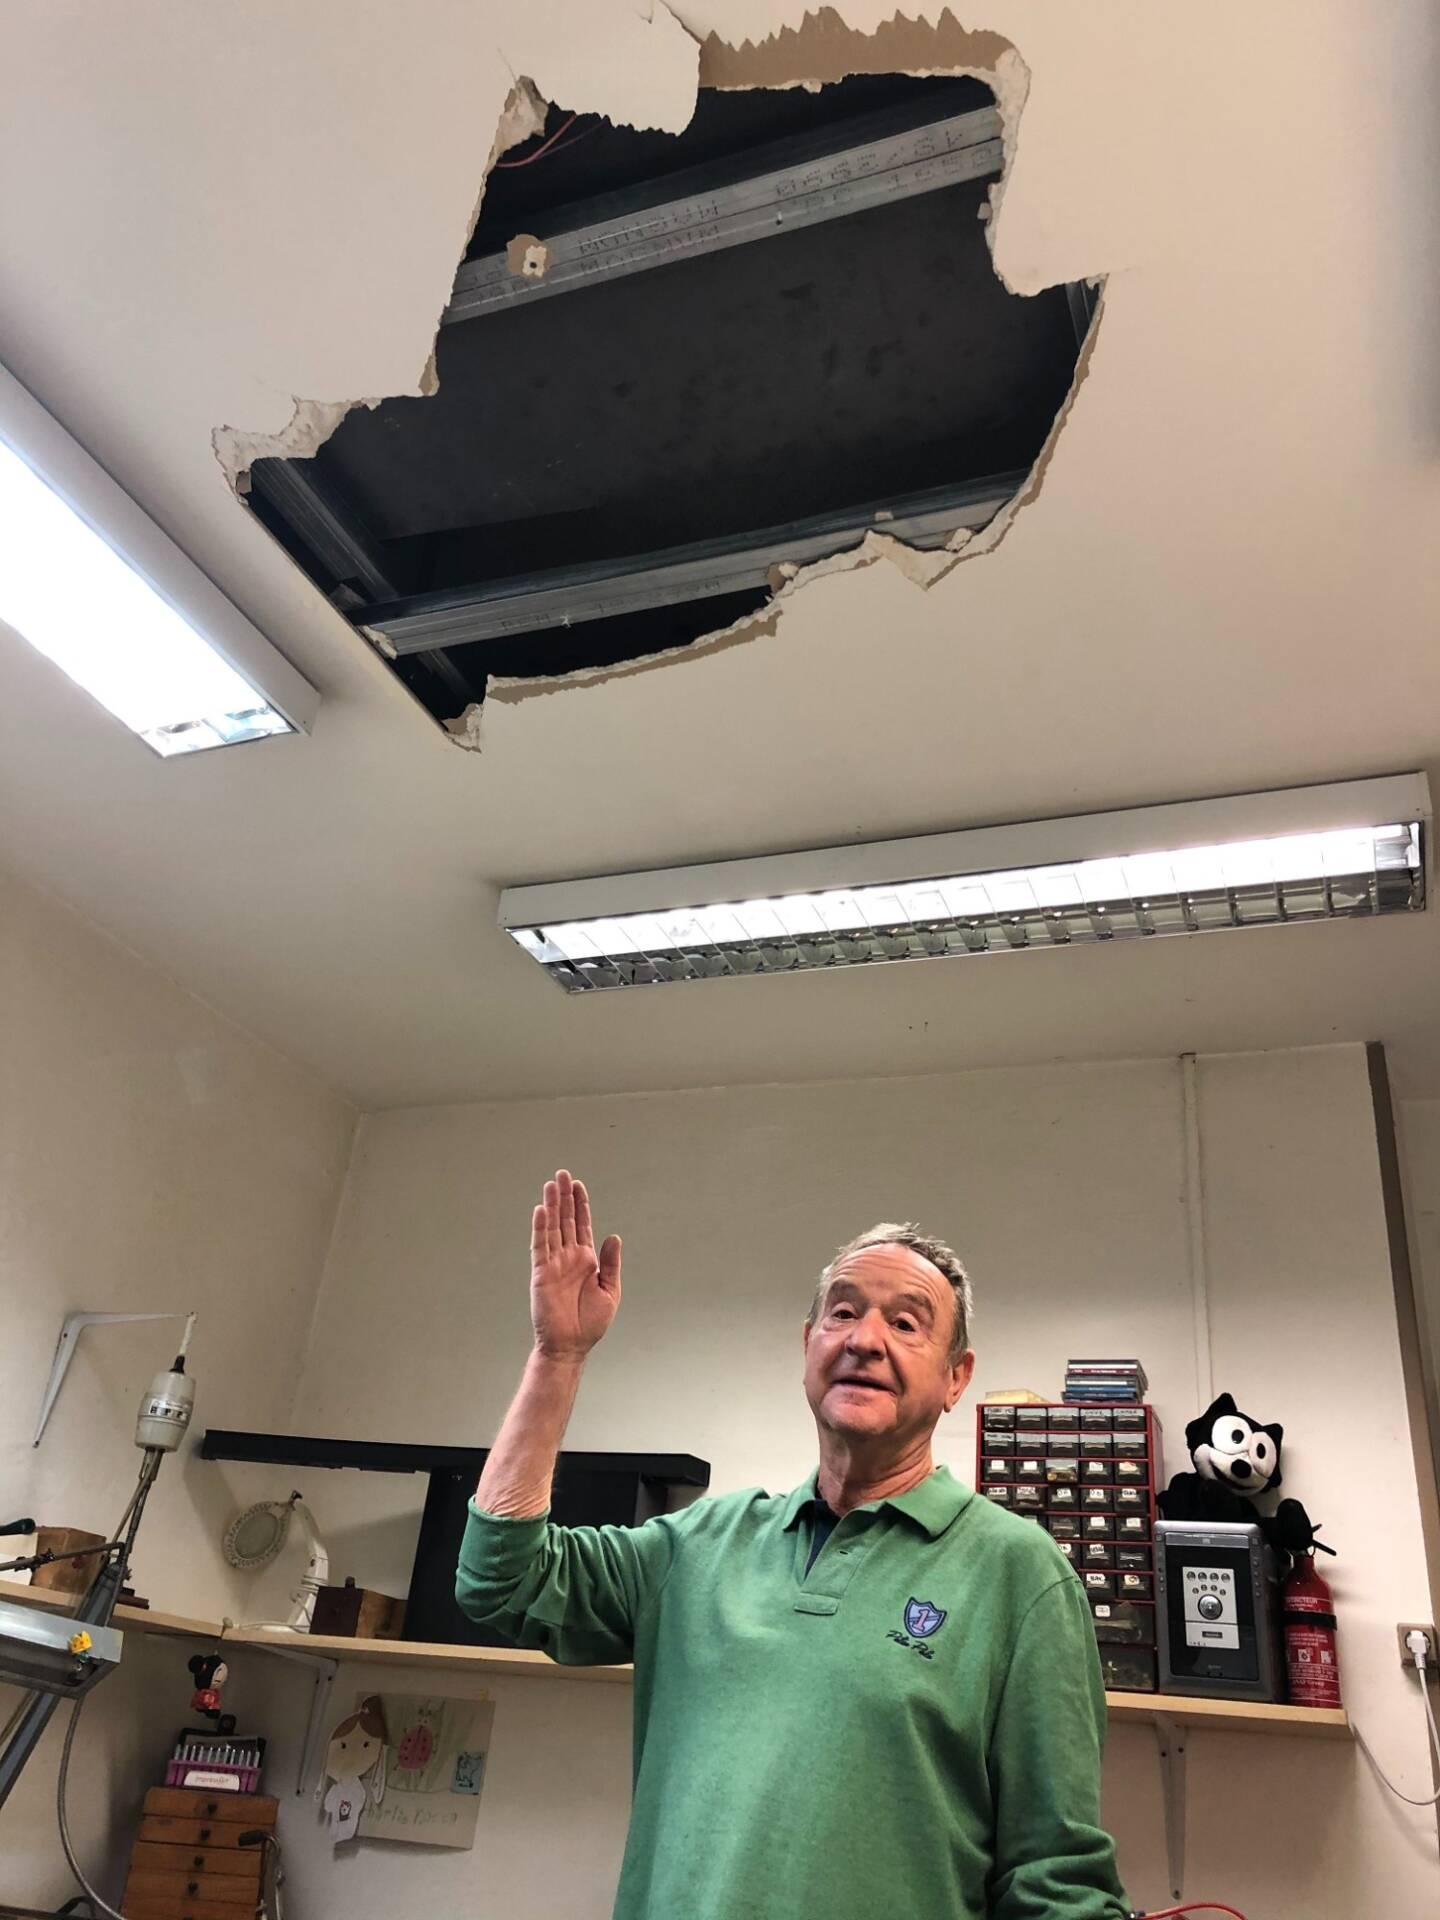 Le bijoutier Philippe Leroux désigne son faux plafond percé, qui a vu passer le ou les intrus.